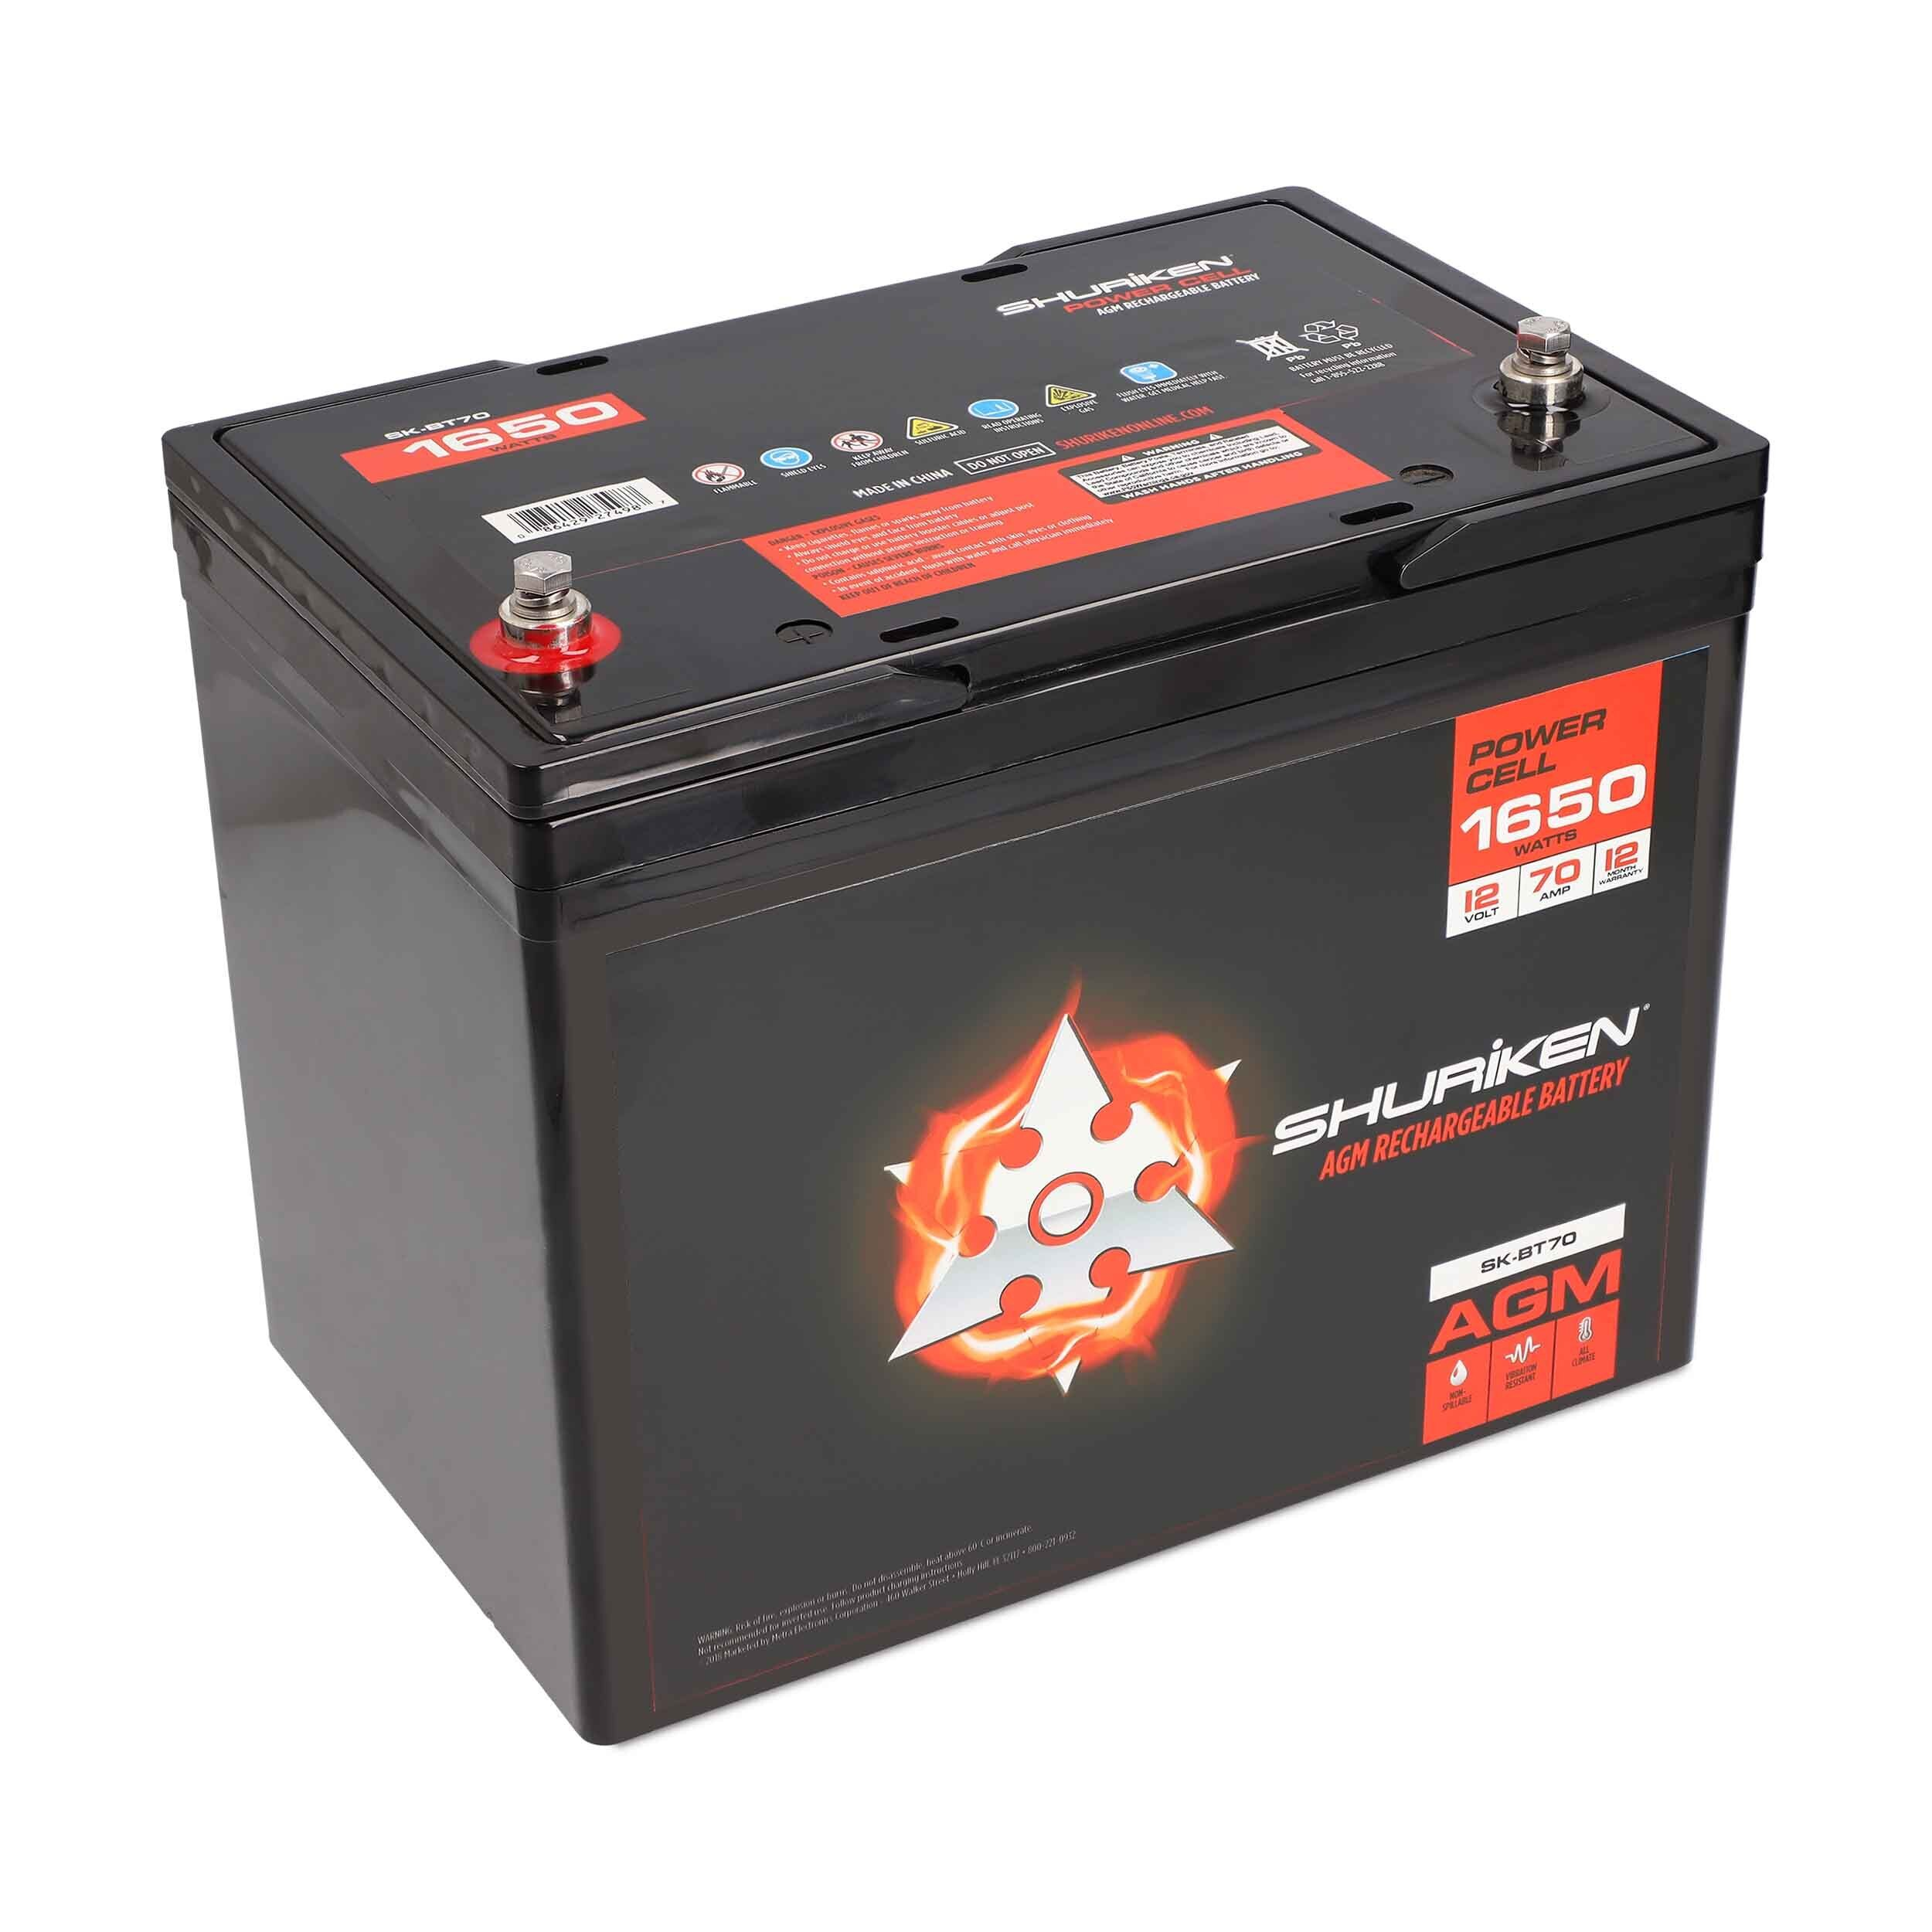 1650W 70AMP Hours Full Size AGM 12V Battery